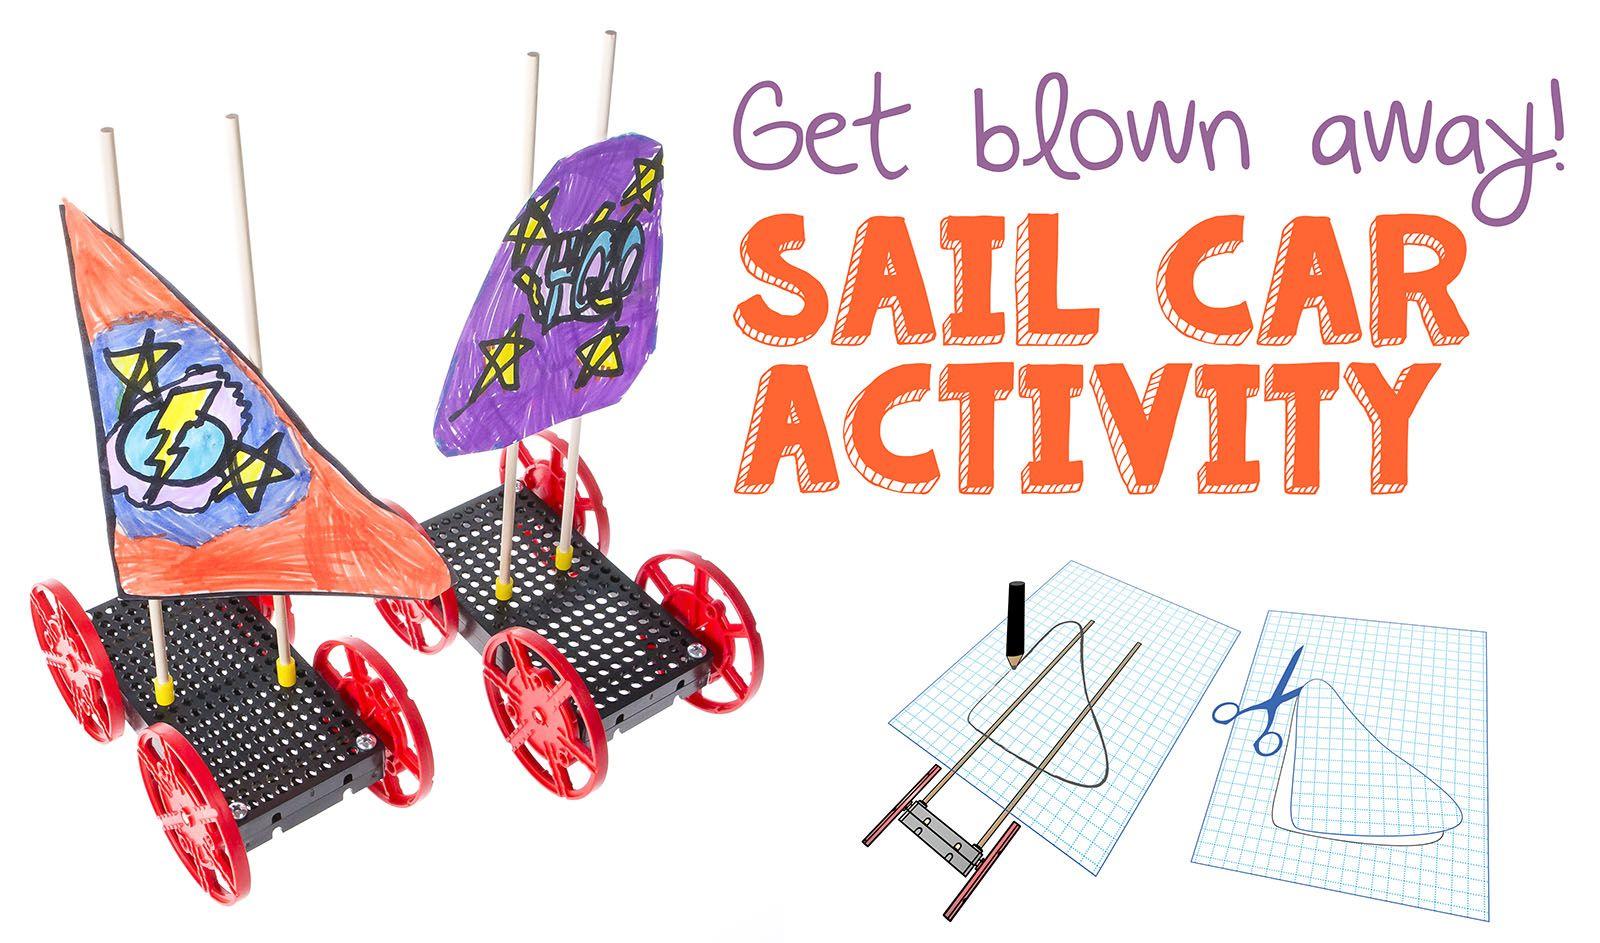 Sail Car Activity Documents